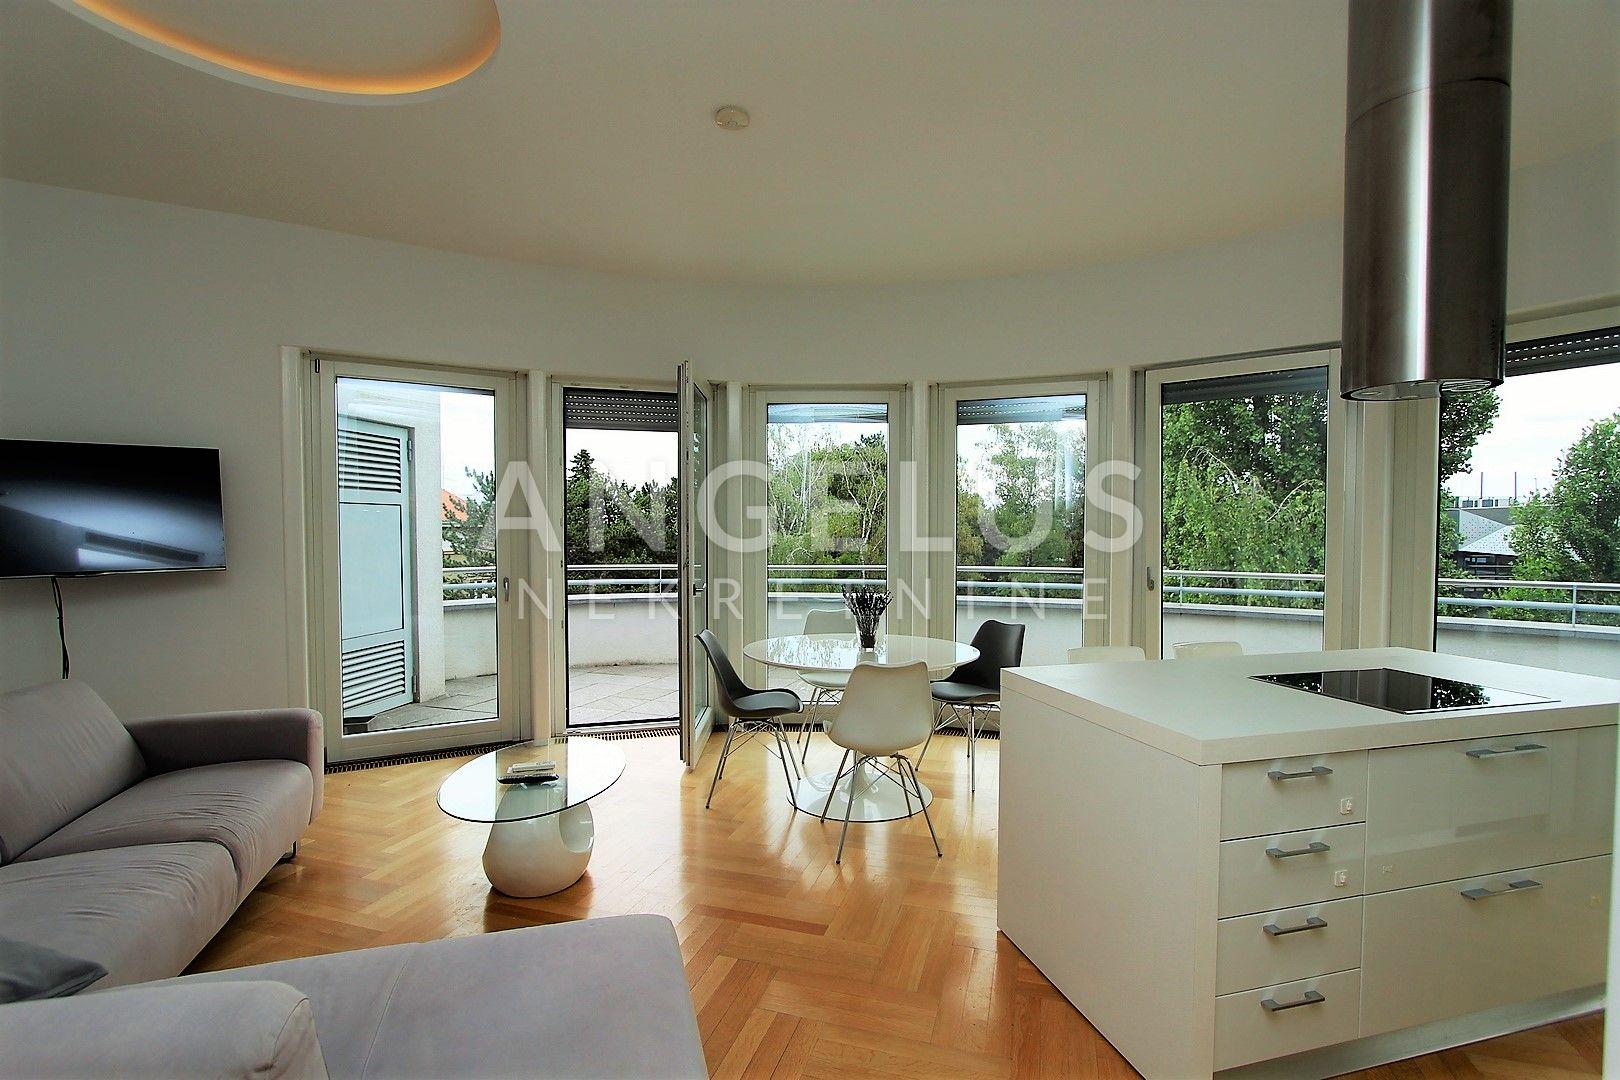 3 rooms, Apartment, 100m², 2 Floor